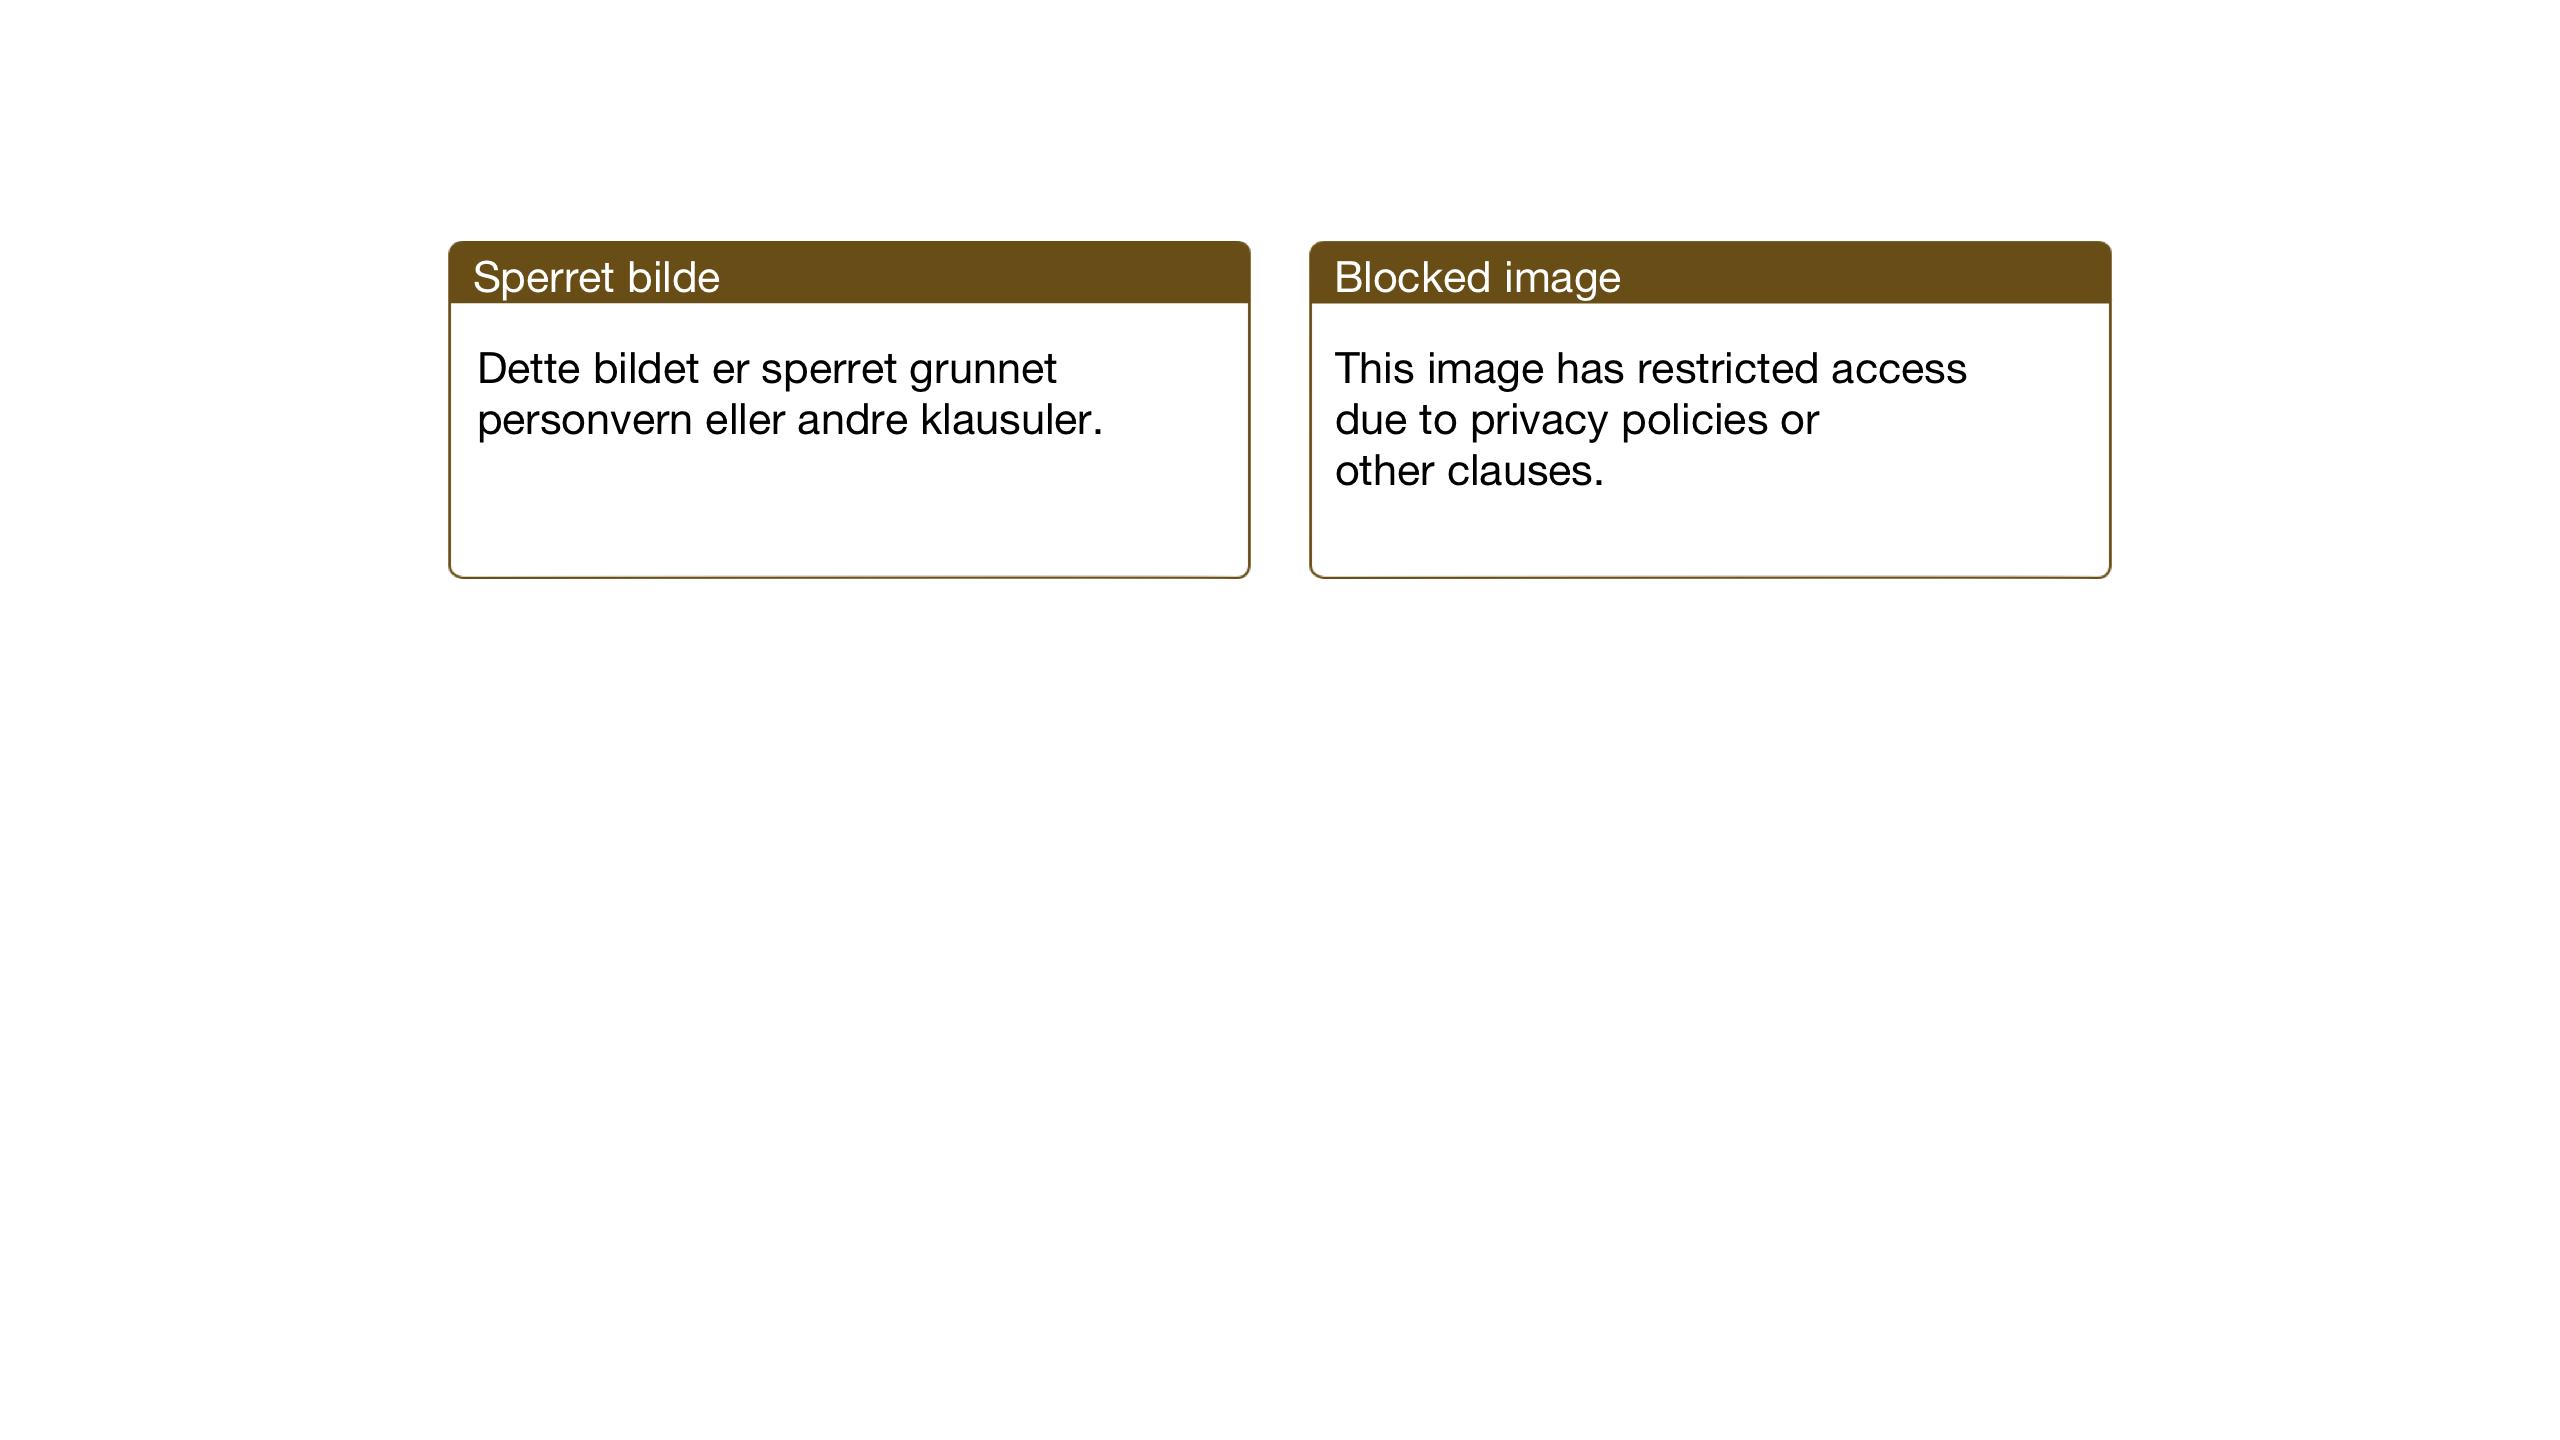 SAT, Ministerialprotokoller, klokkerbøker og fødselsregistre - Nord-Trøndelag, 768/L0583: Klokkerbok nr. 768C01, 1928-1953, s. 79